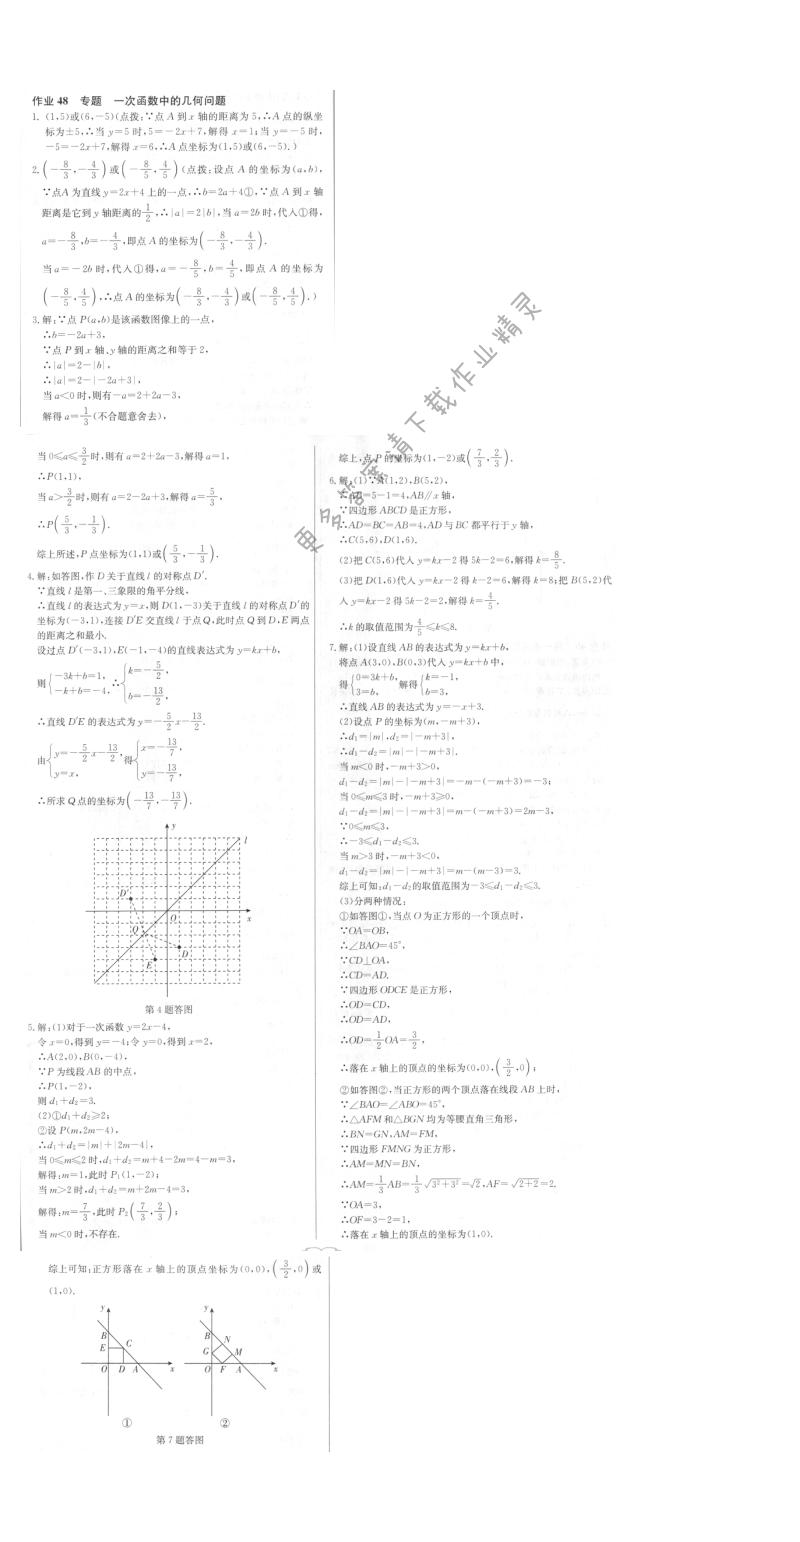 启东中学作业本八年级数学上册江苏版 作业48